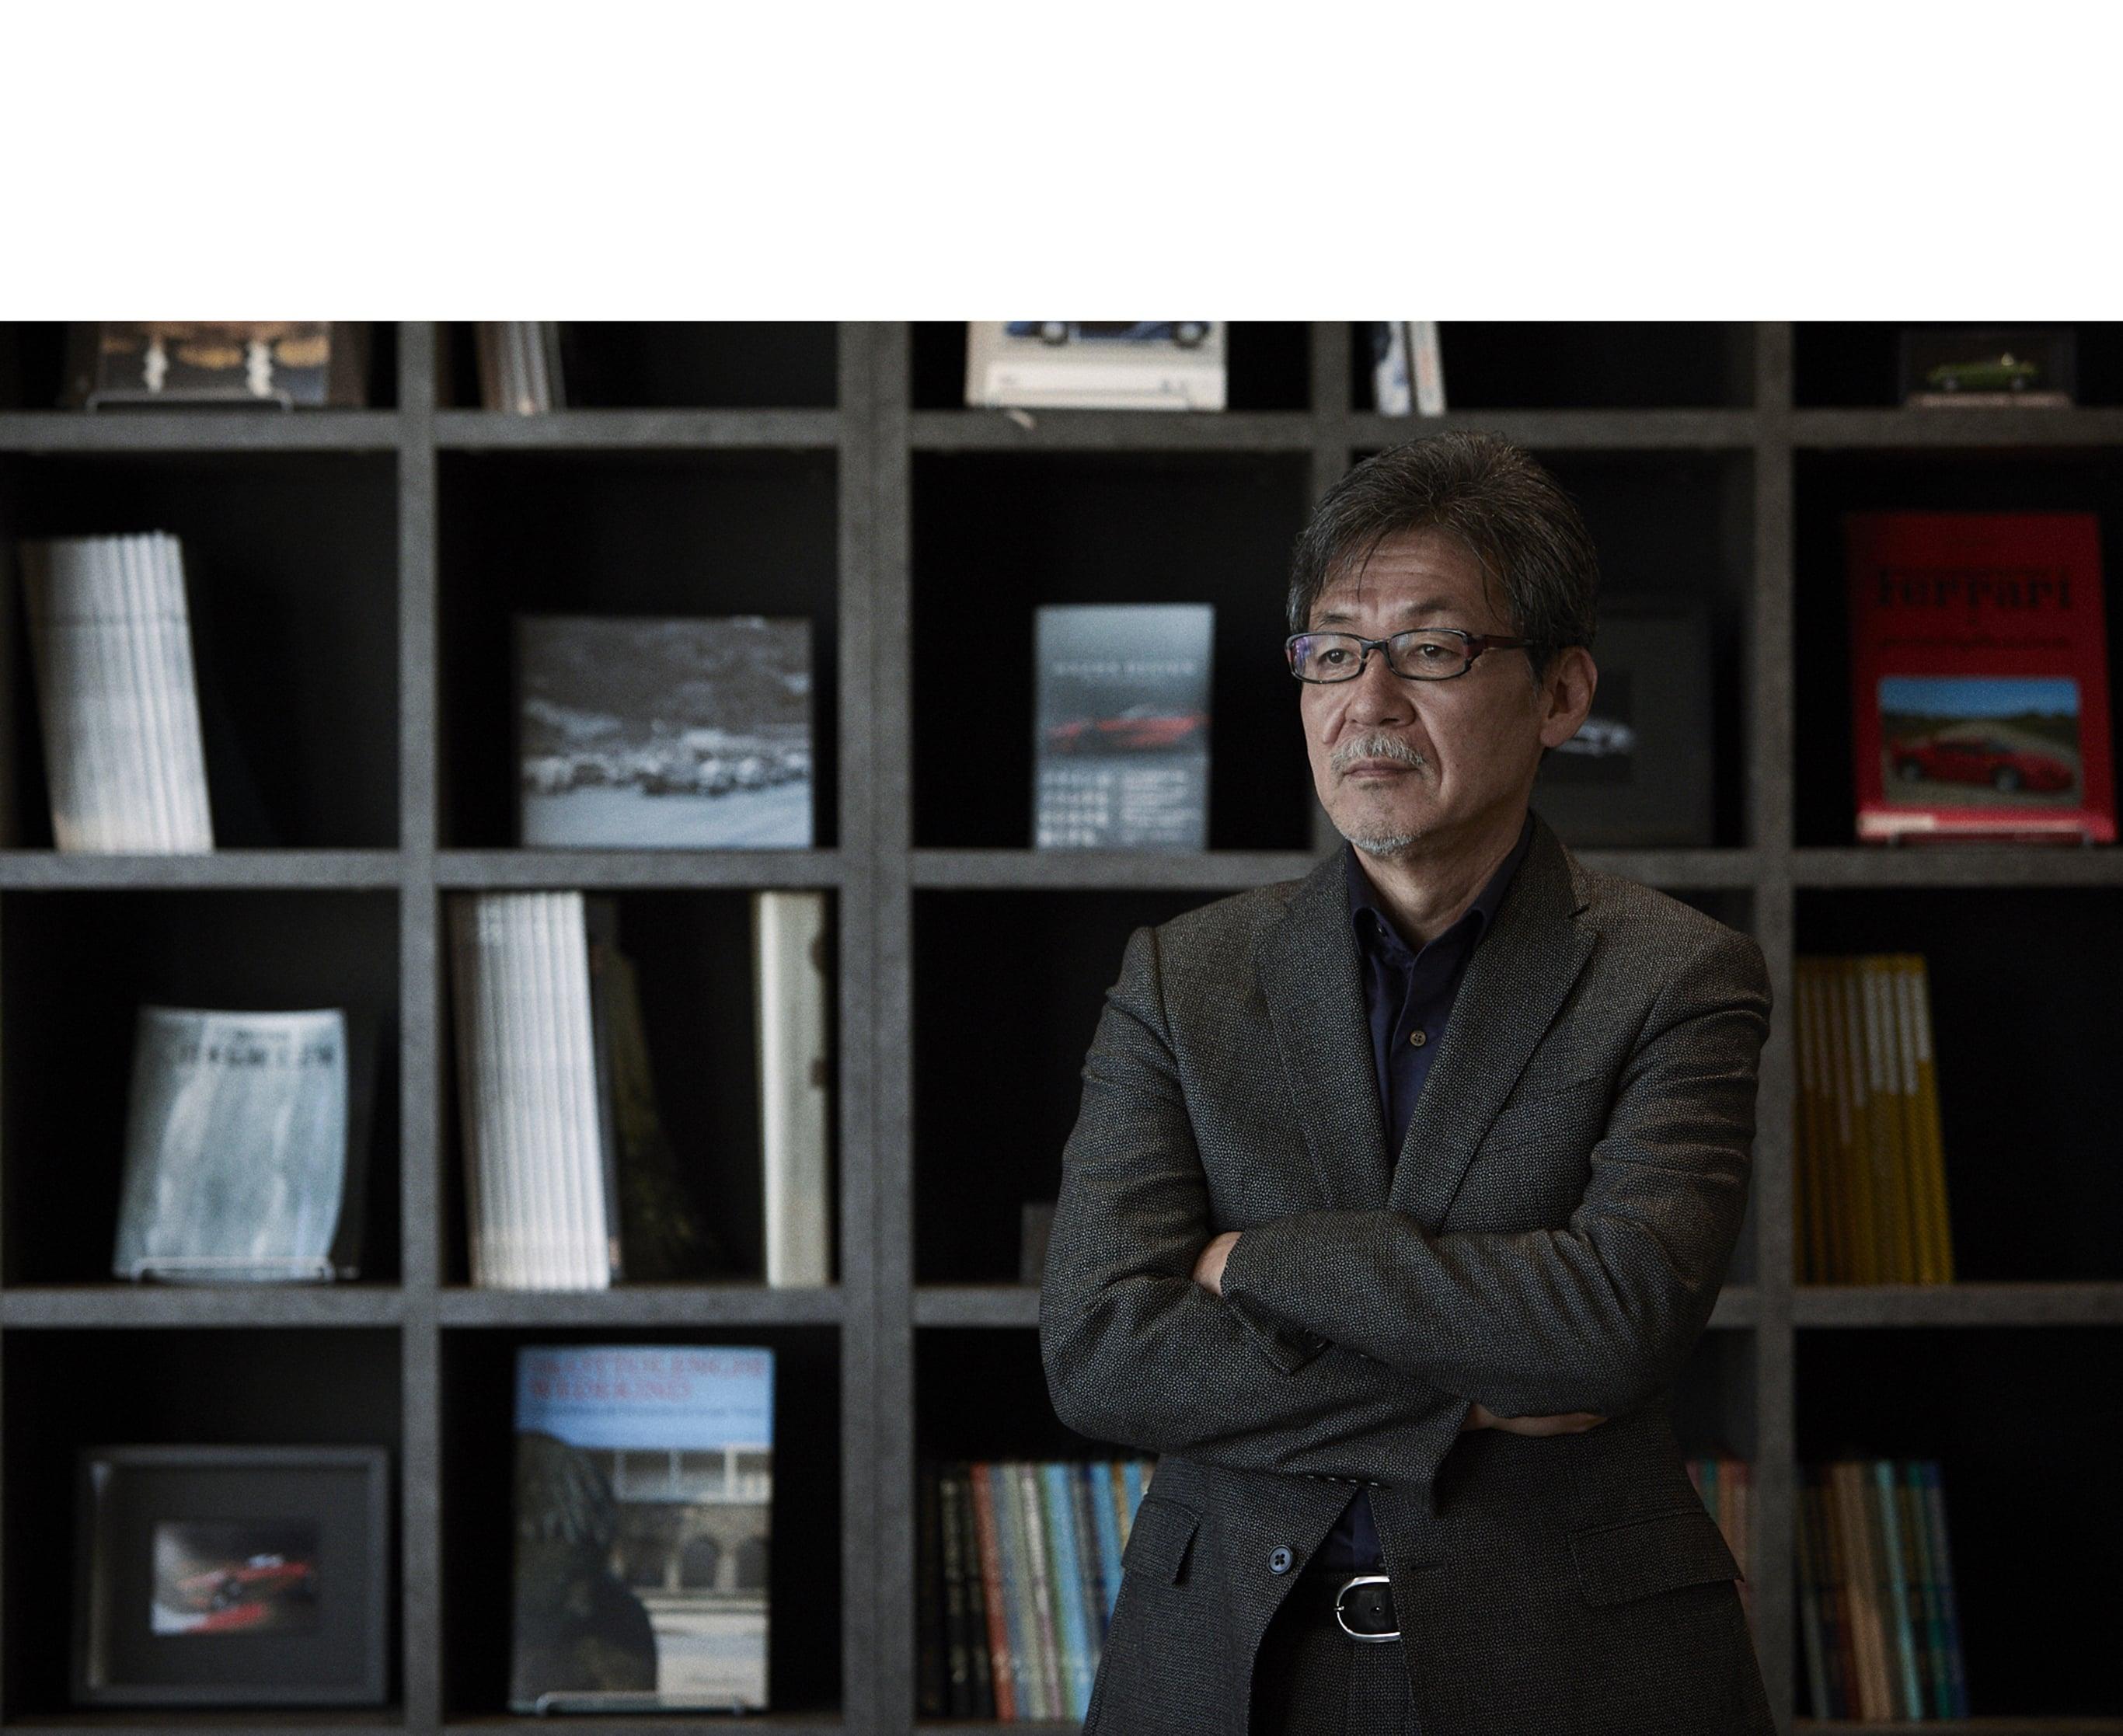 前田育男 Ikuo Maeda   マツダ株式会社 常務執行役員 デザイン ブランドスタイル担当。デザインの力を信じ、マツダの「魂動デザイン」はじめ、ブランドスタイルも統括する。